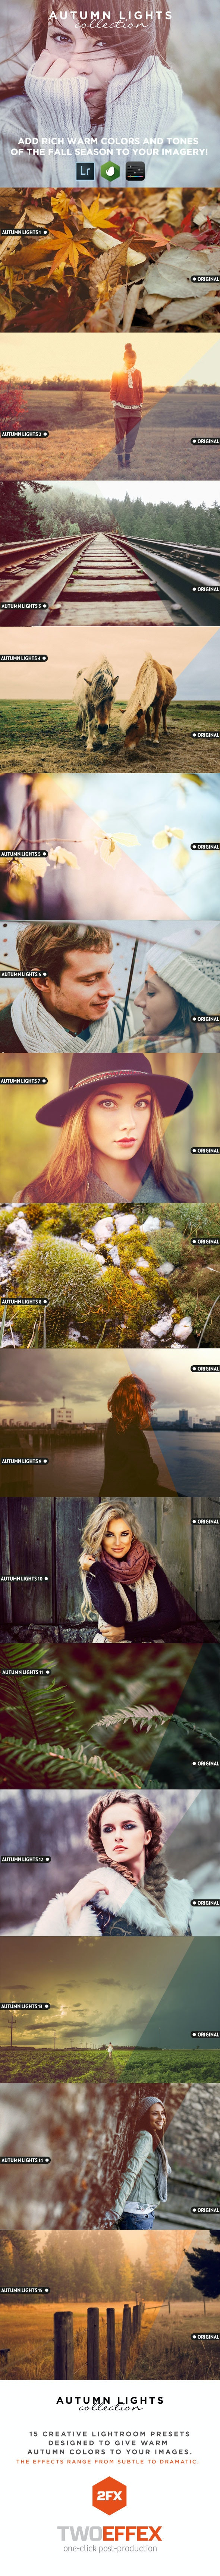 15 Autumn Lights - Lightroom Presets - Portrait Lightroom Presets